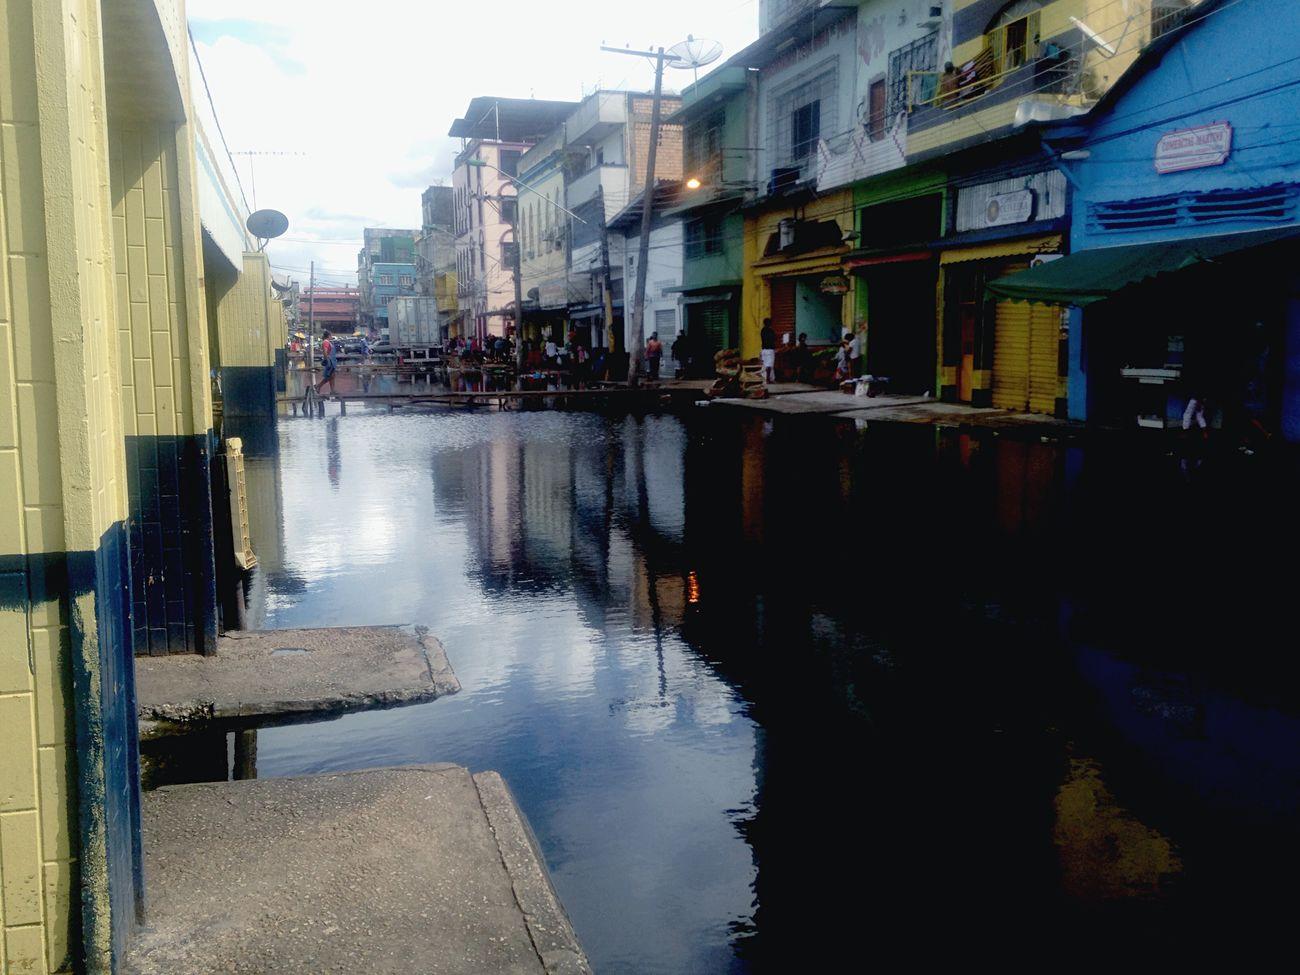 Cheia Rio Negro 2015 Rio Negro, Manaus Amazonia Amazonas Brazil Black River